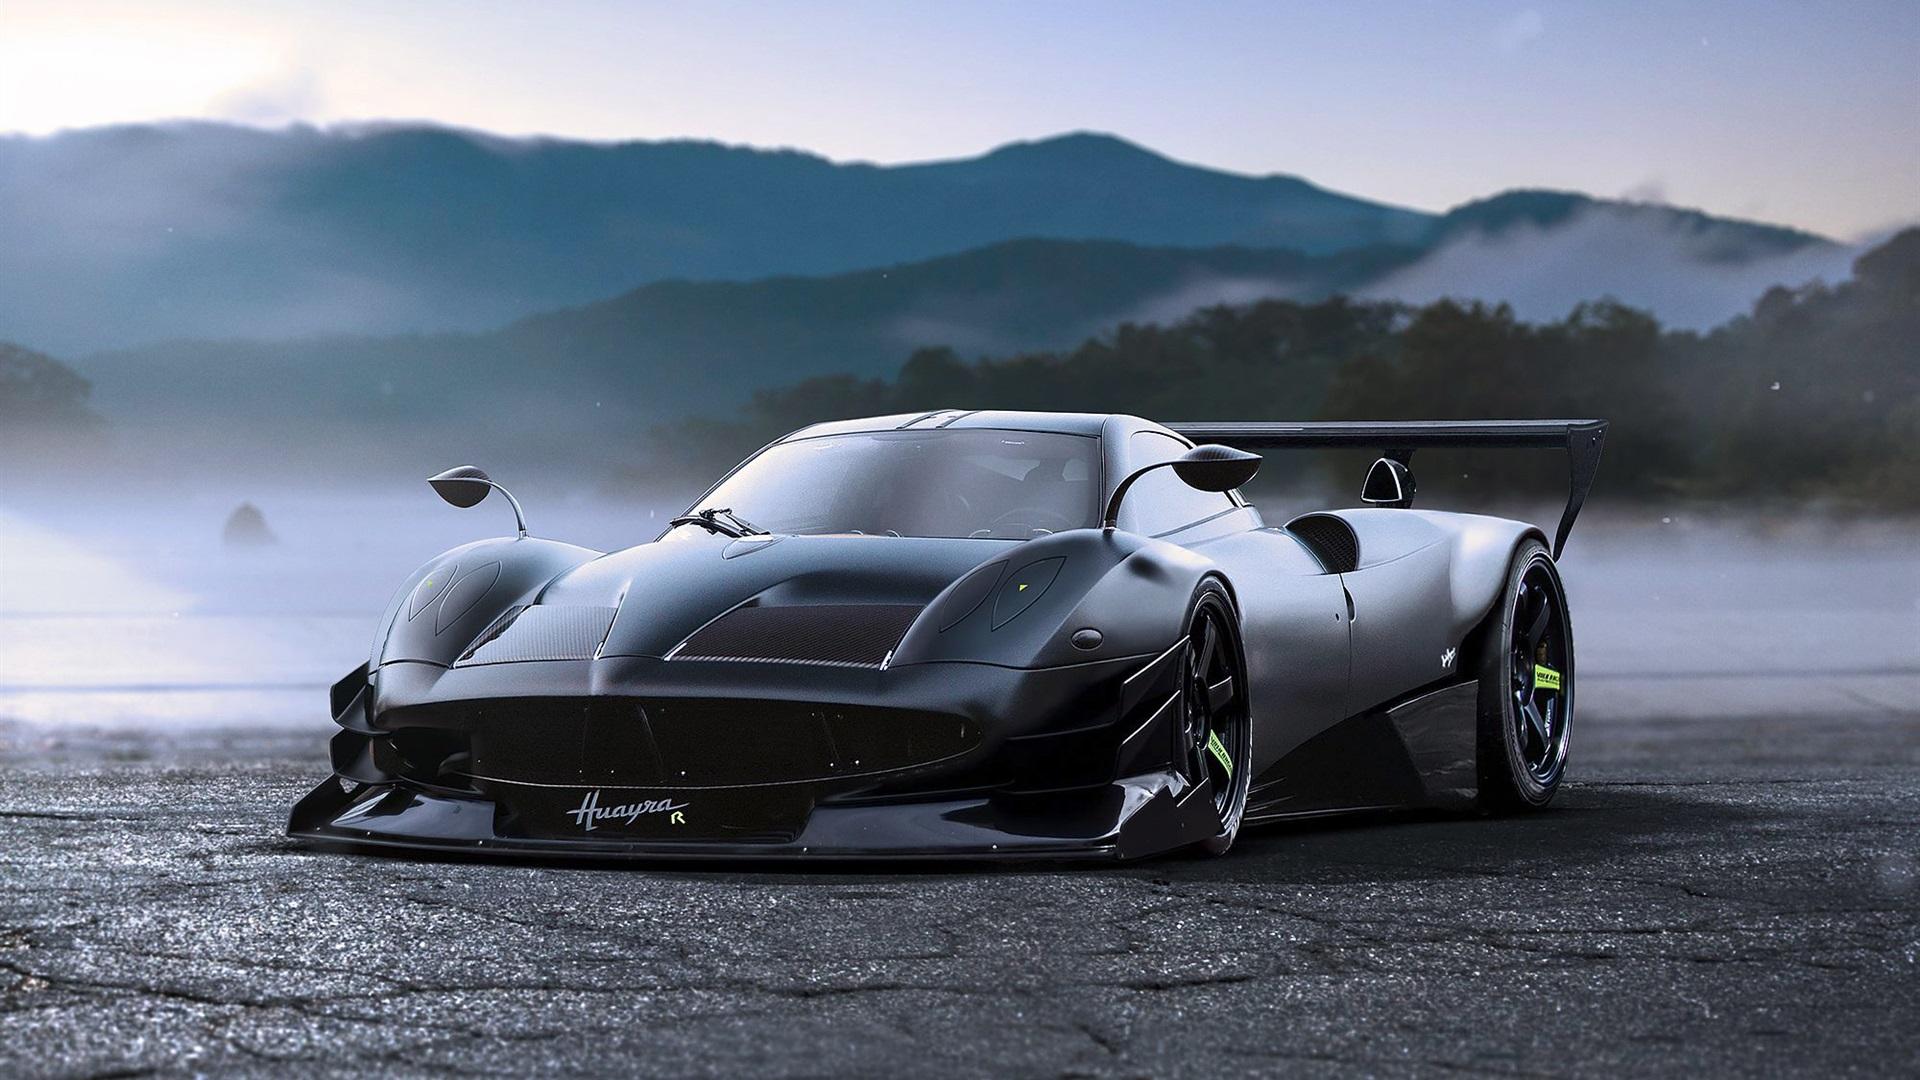 Pagani Huayra concept tuning black supercar Wallpaper ...